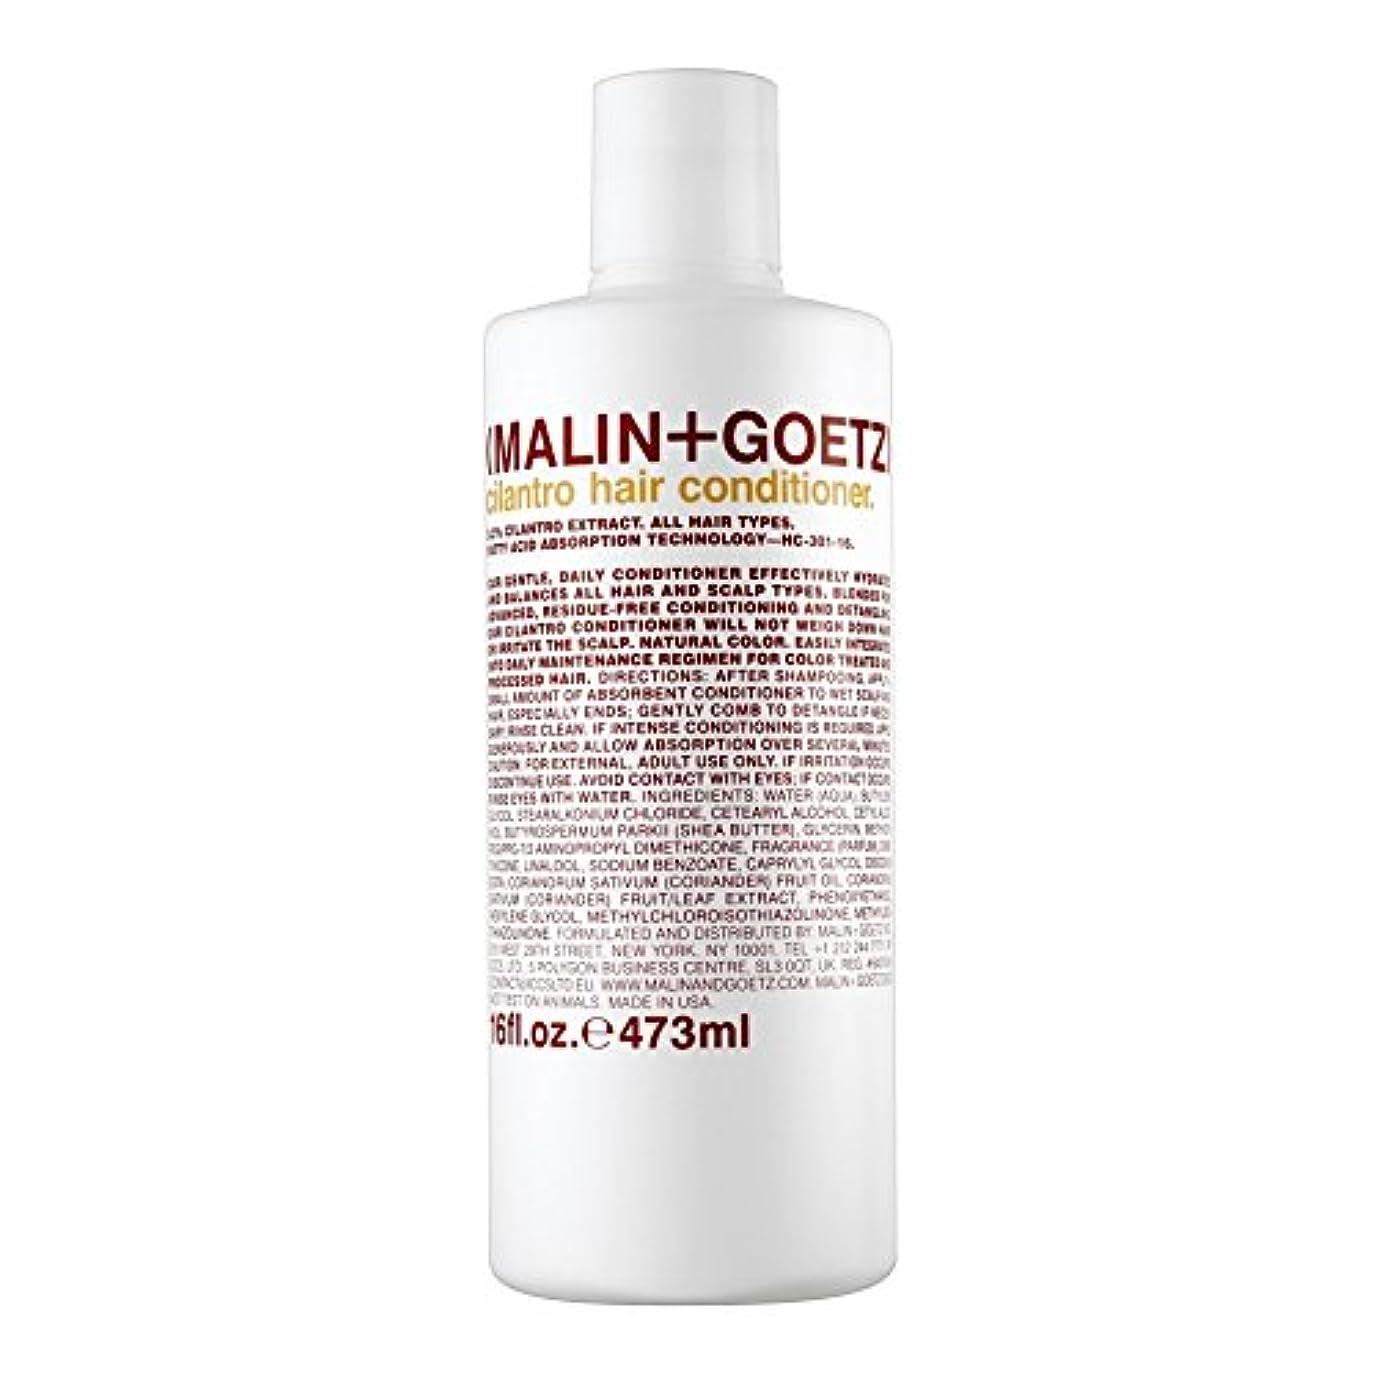 保守可能再撮り拍手マリン+ゲッツコリアンダーのヘアコンディショナー473ミリリットル x2 - MALIN+GOETZ Cilantro Hair Conditioner 473ml (Pack of 2) [並行輸入品]